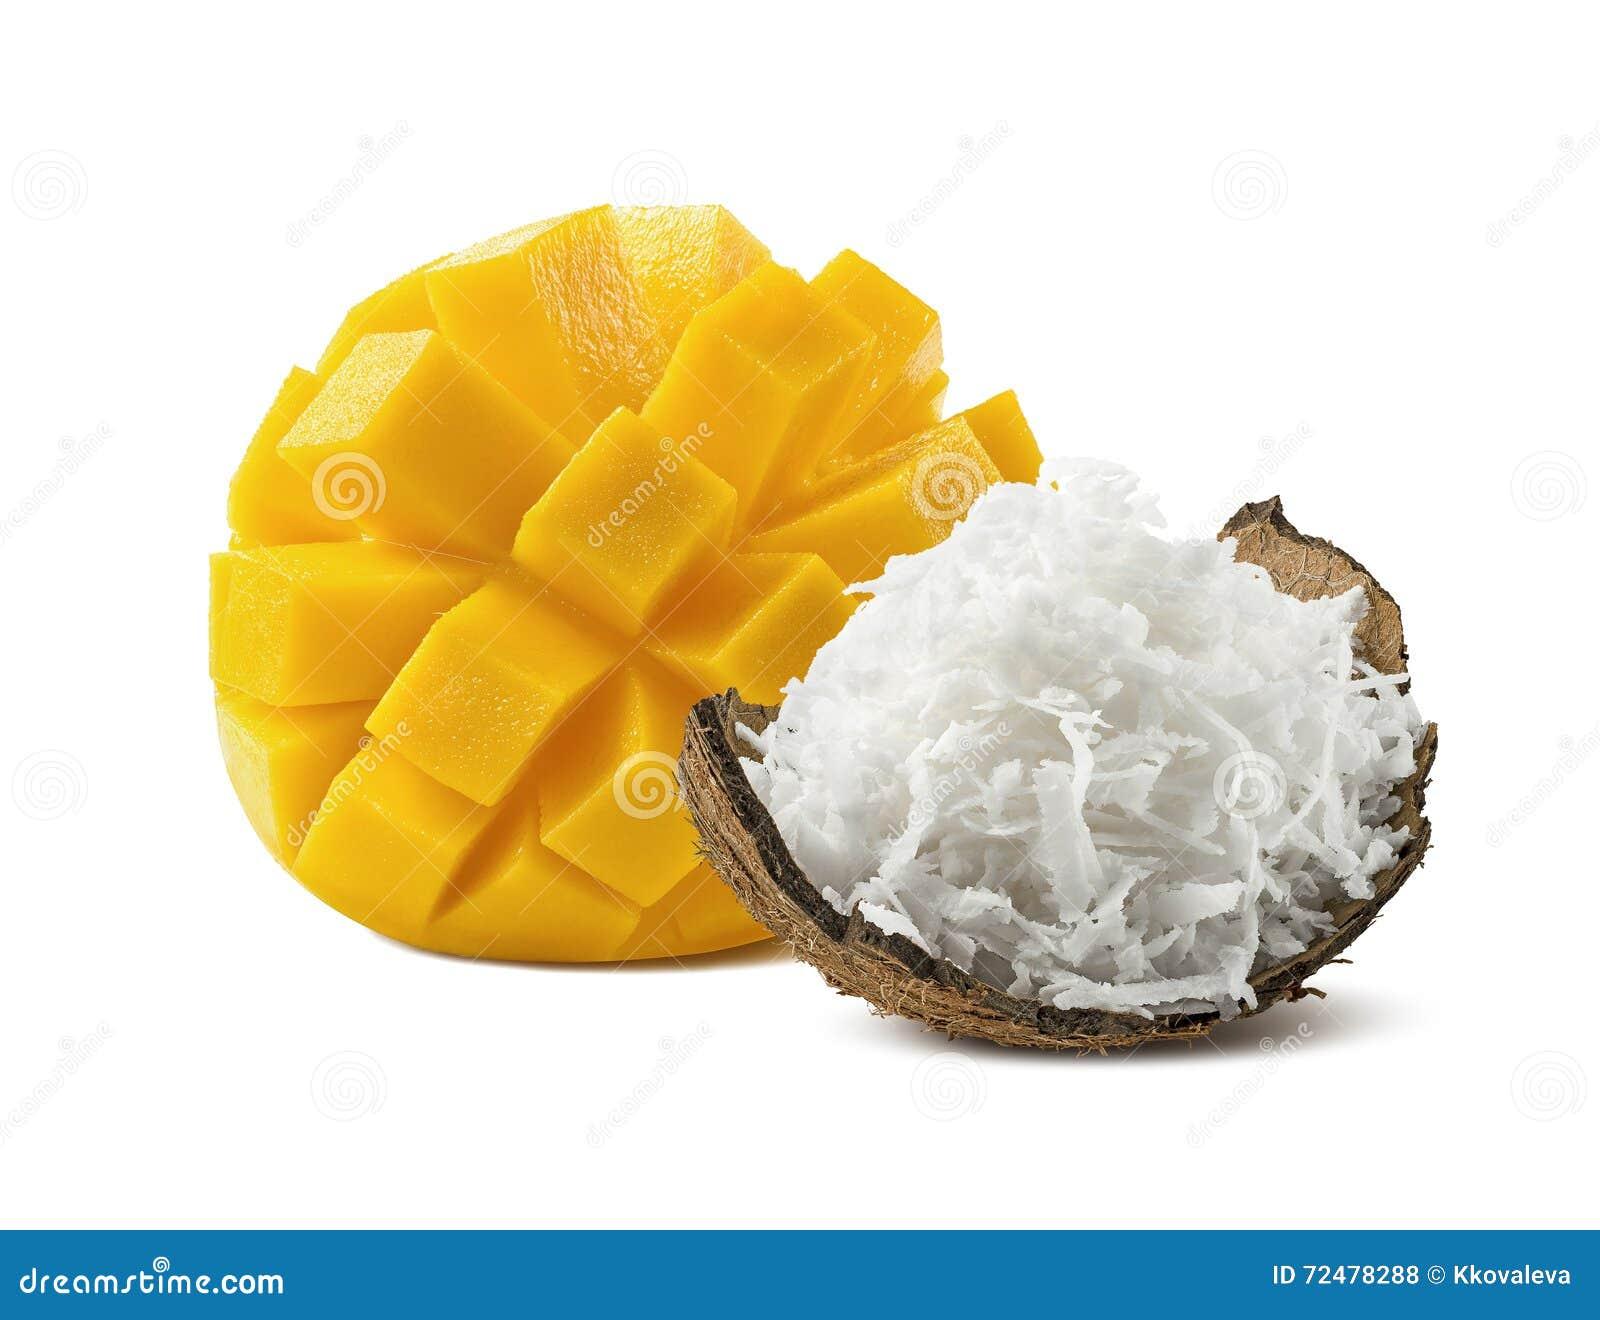 Cut Mango Shredded Coconut On White Background Stock Photo Image